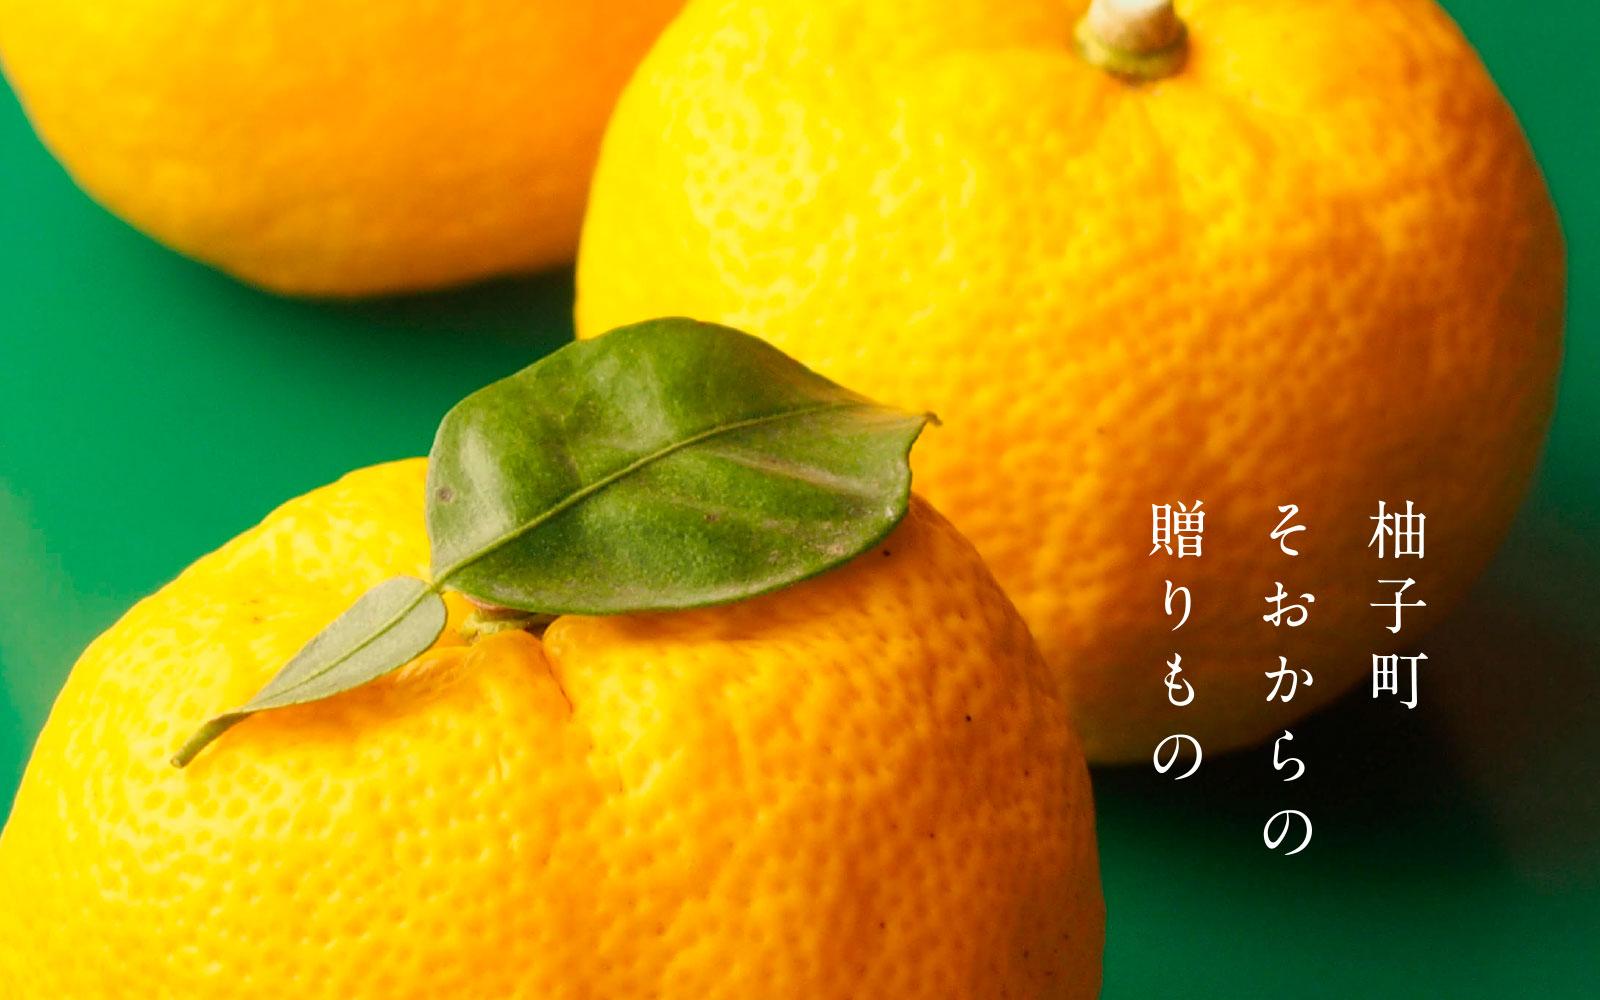 柚子町曽於からの贈り物